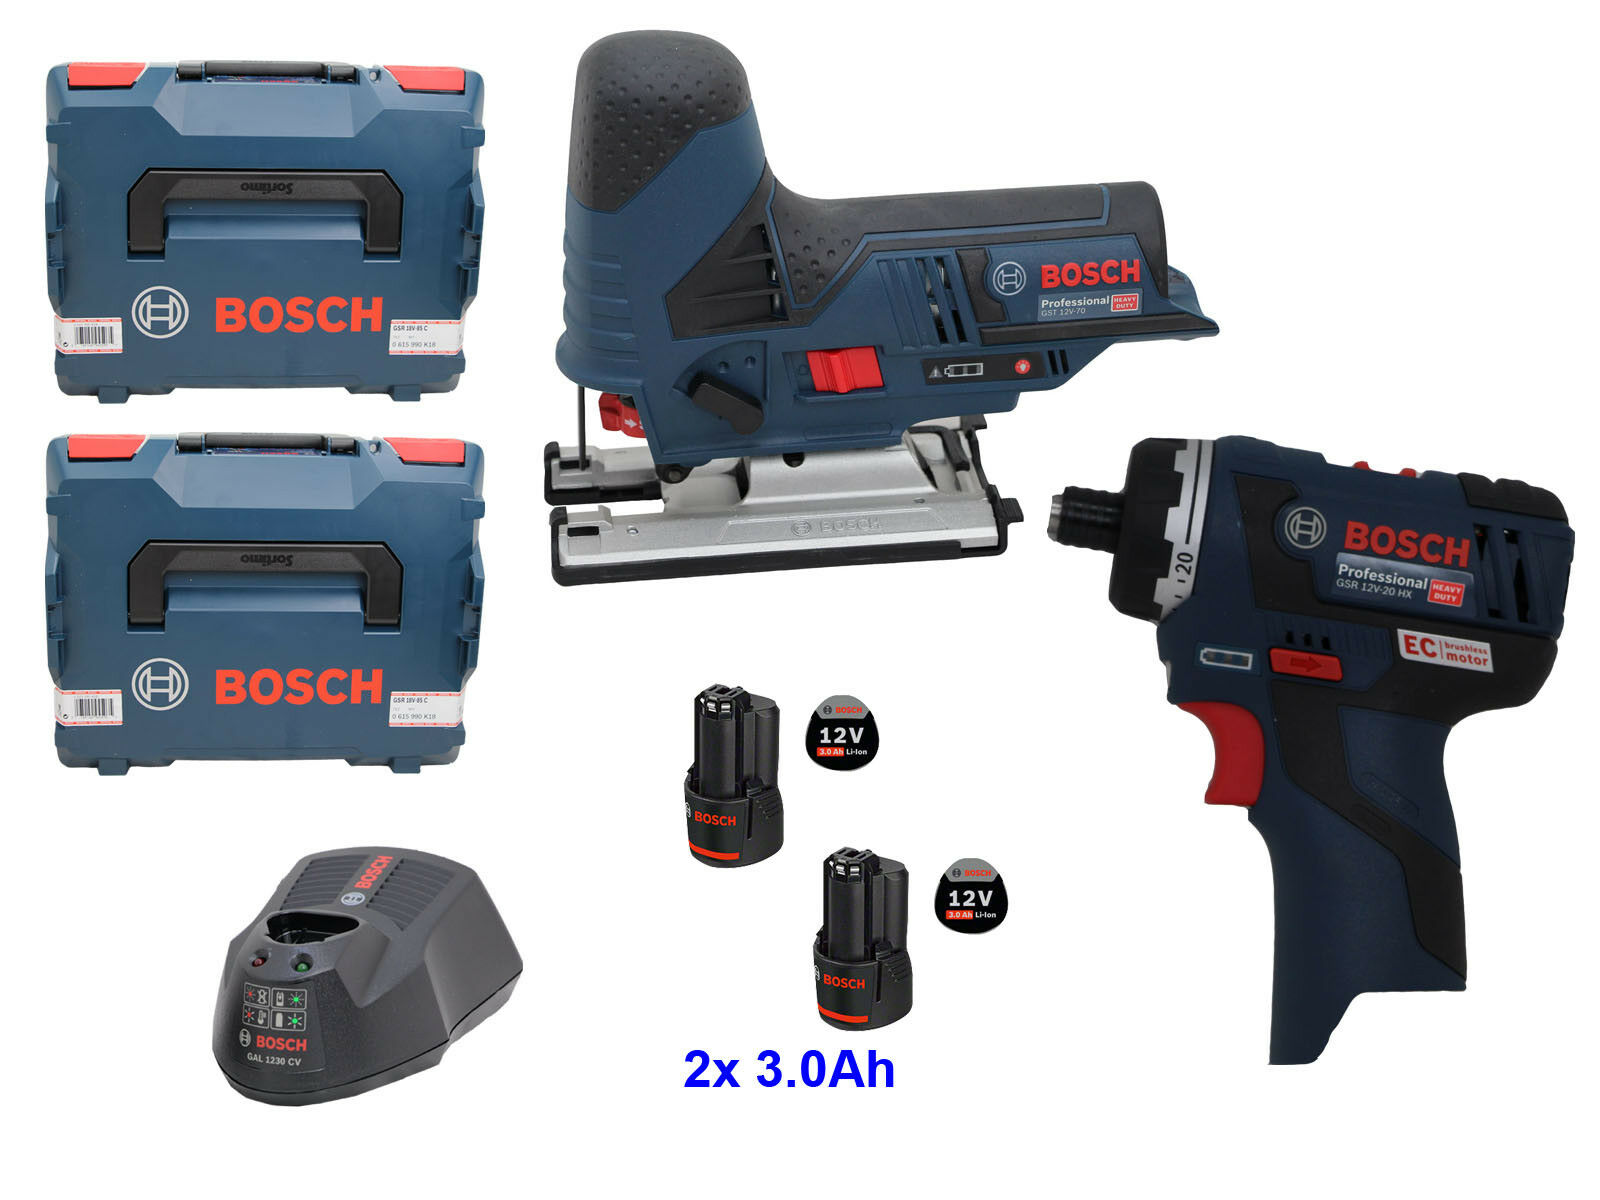 Bosch Akku Schrauber GSR 12V-20 HX + Akku Stichsäge GST 12V-70 + Tasche + 2x3.0